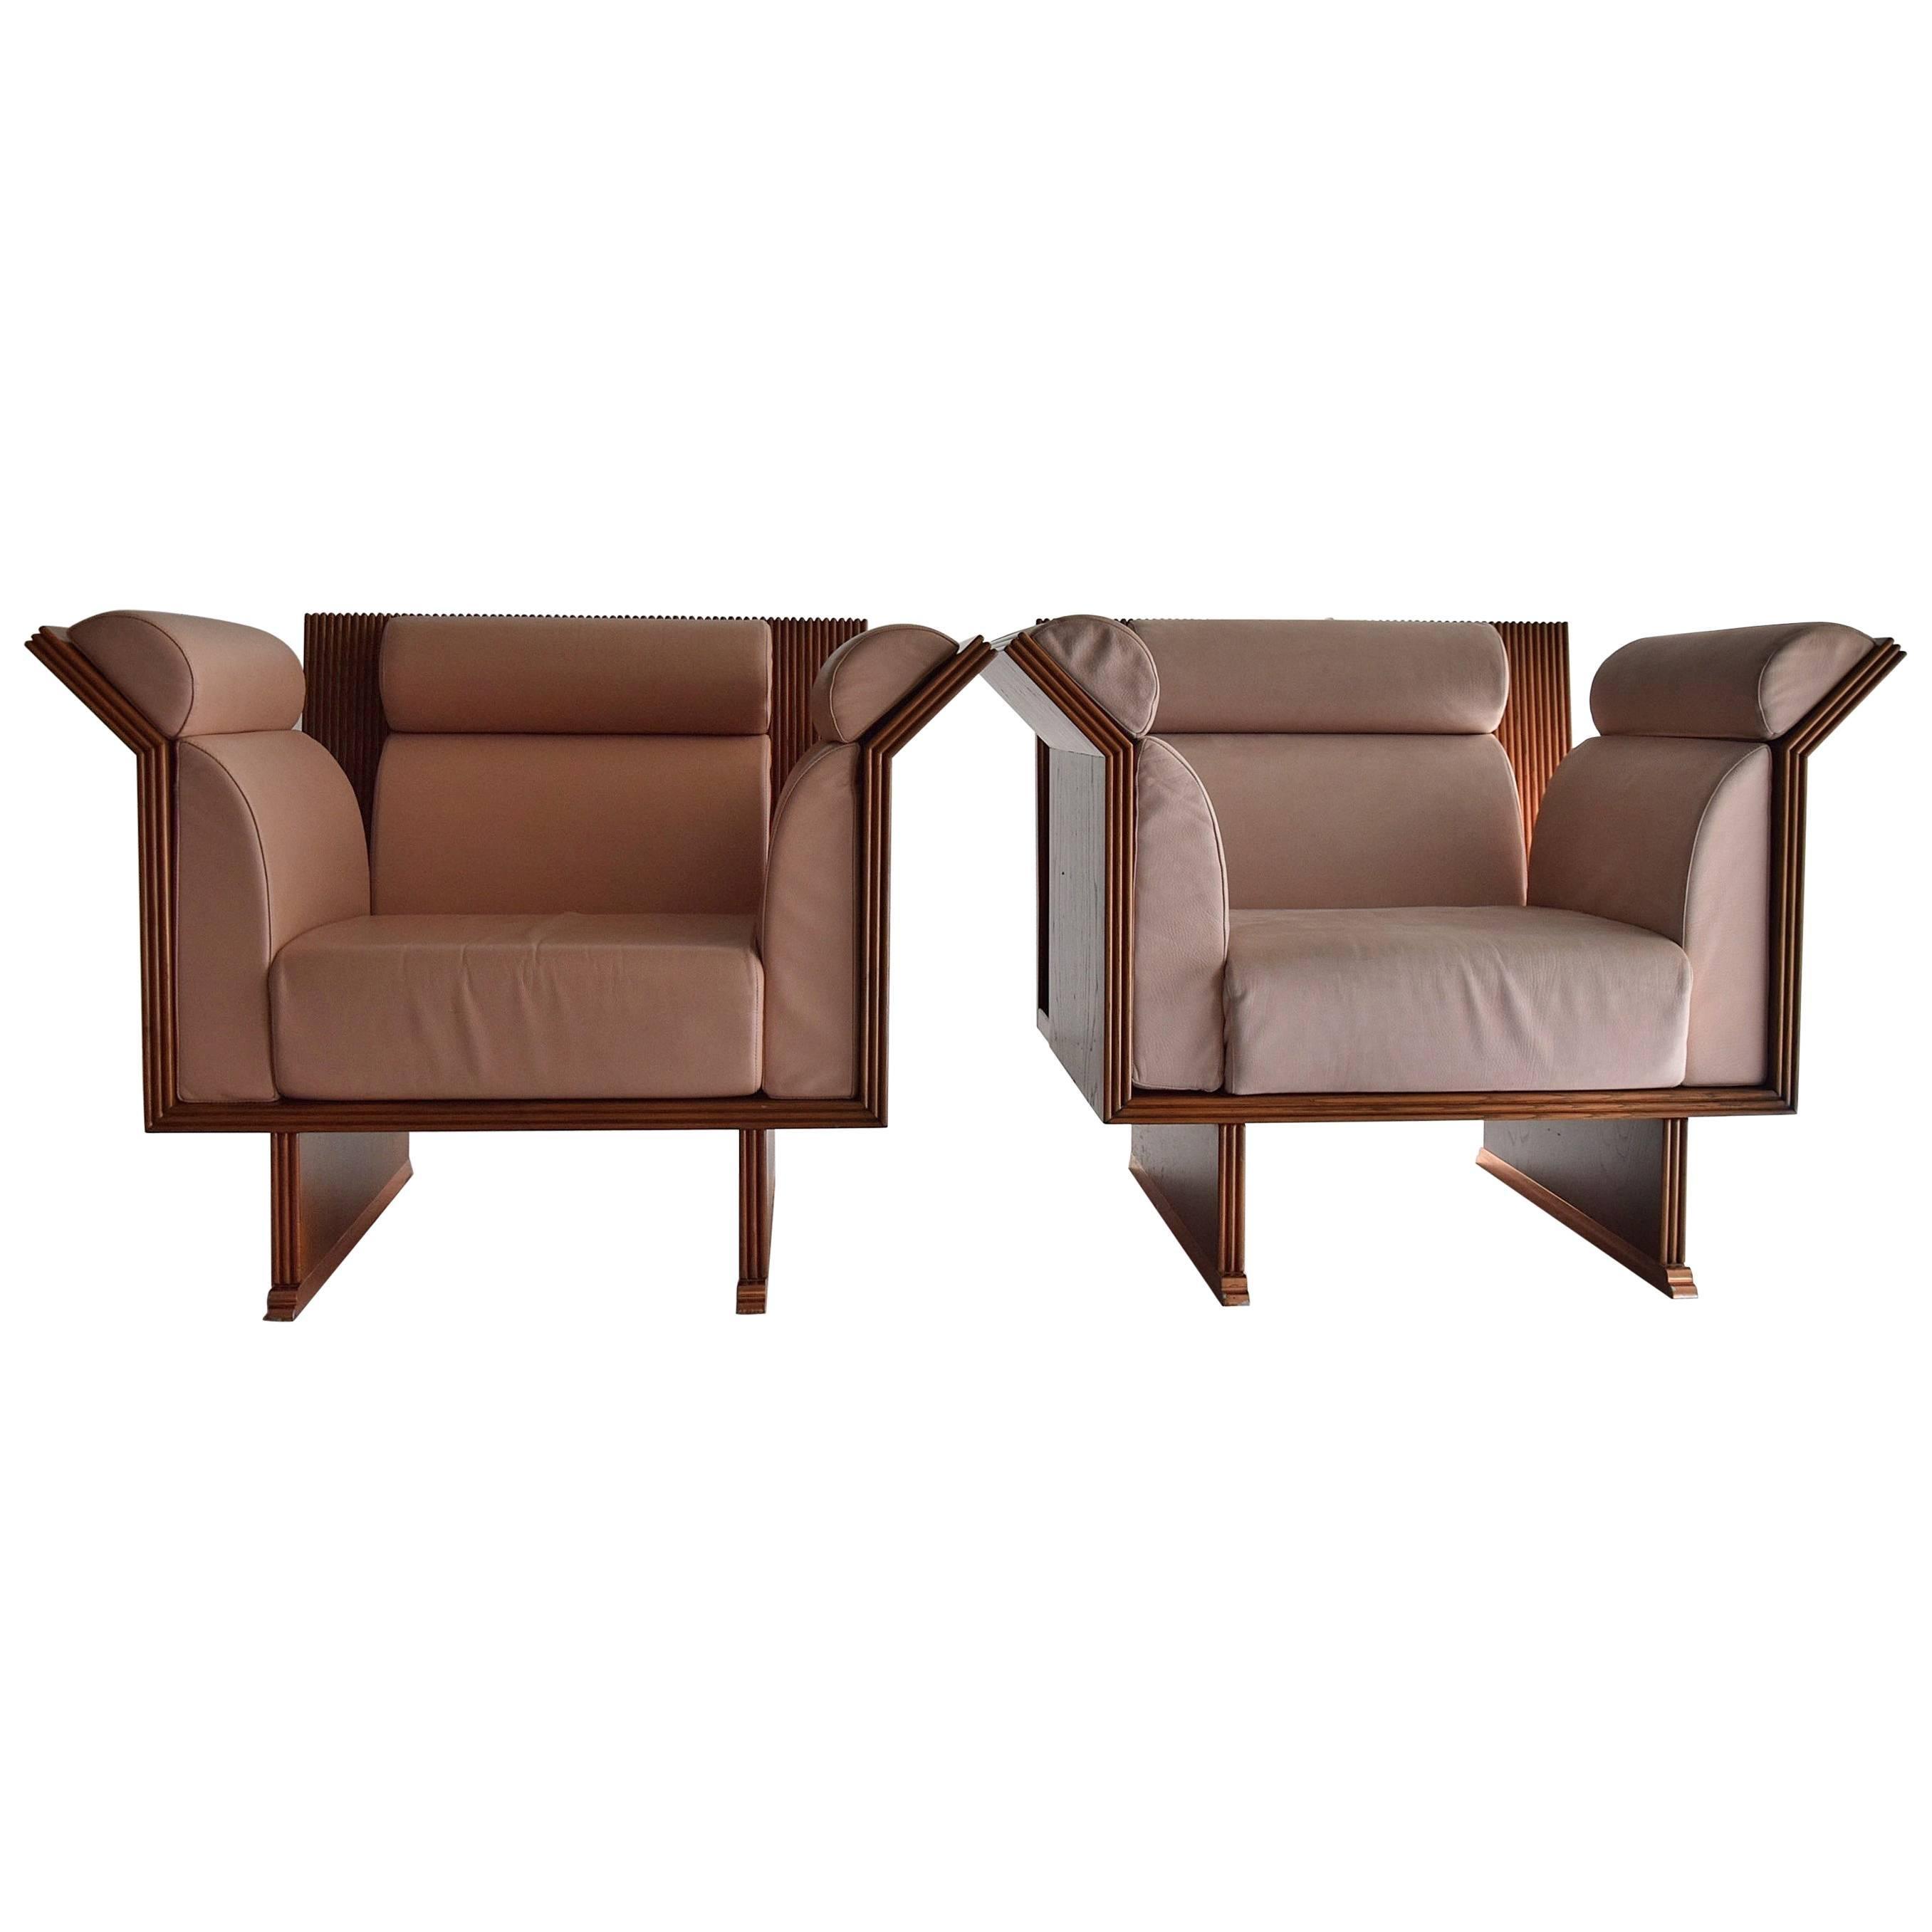 Post Modern Jatoba Arm Chairs by Ugo La Pietra